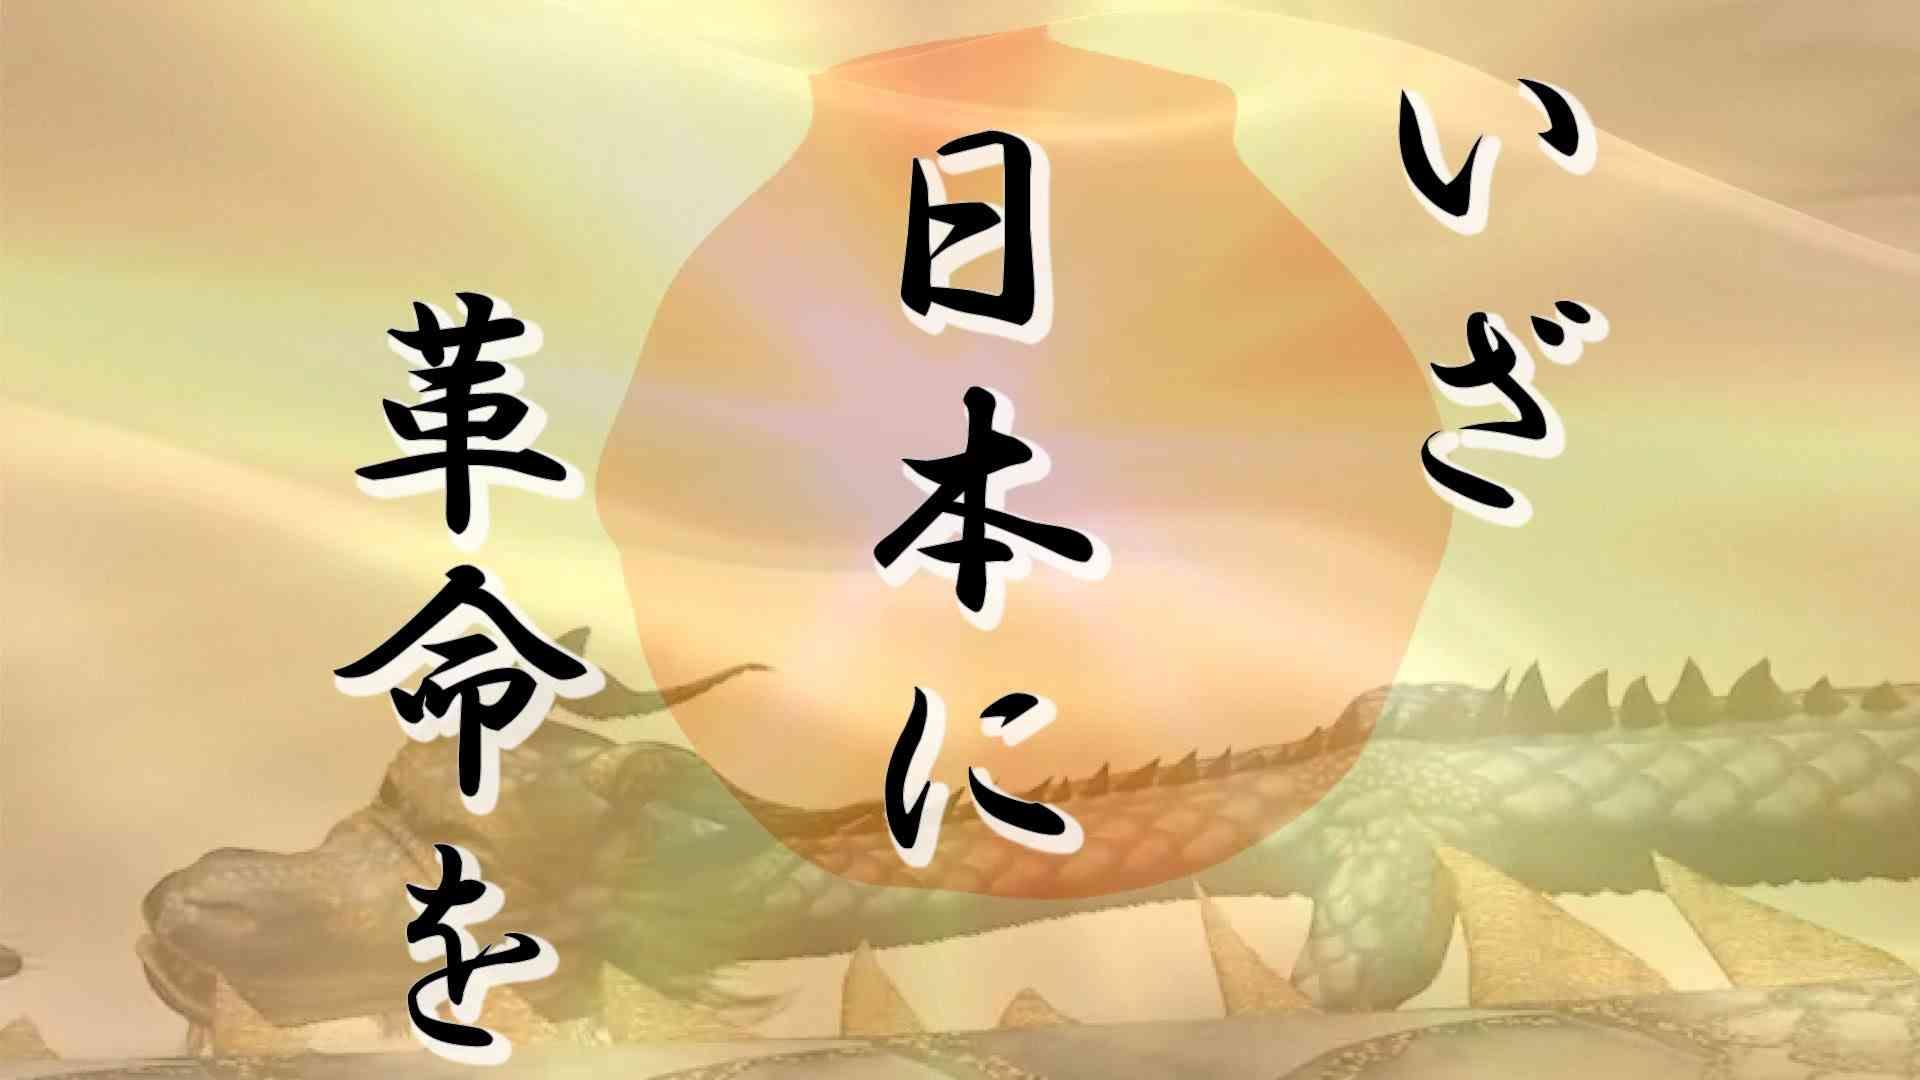 【政治家の暗殺事件③】『いざ、日本に革命を』 - YouTube